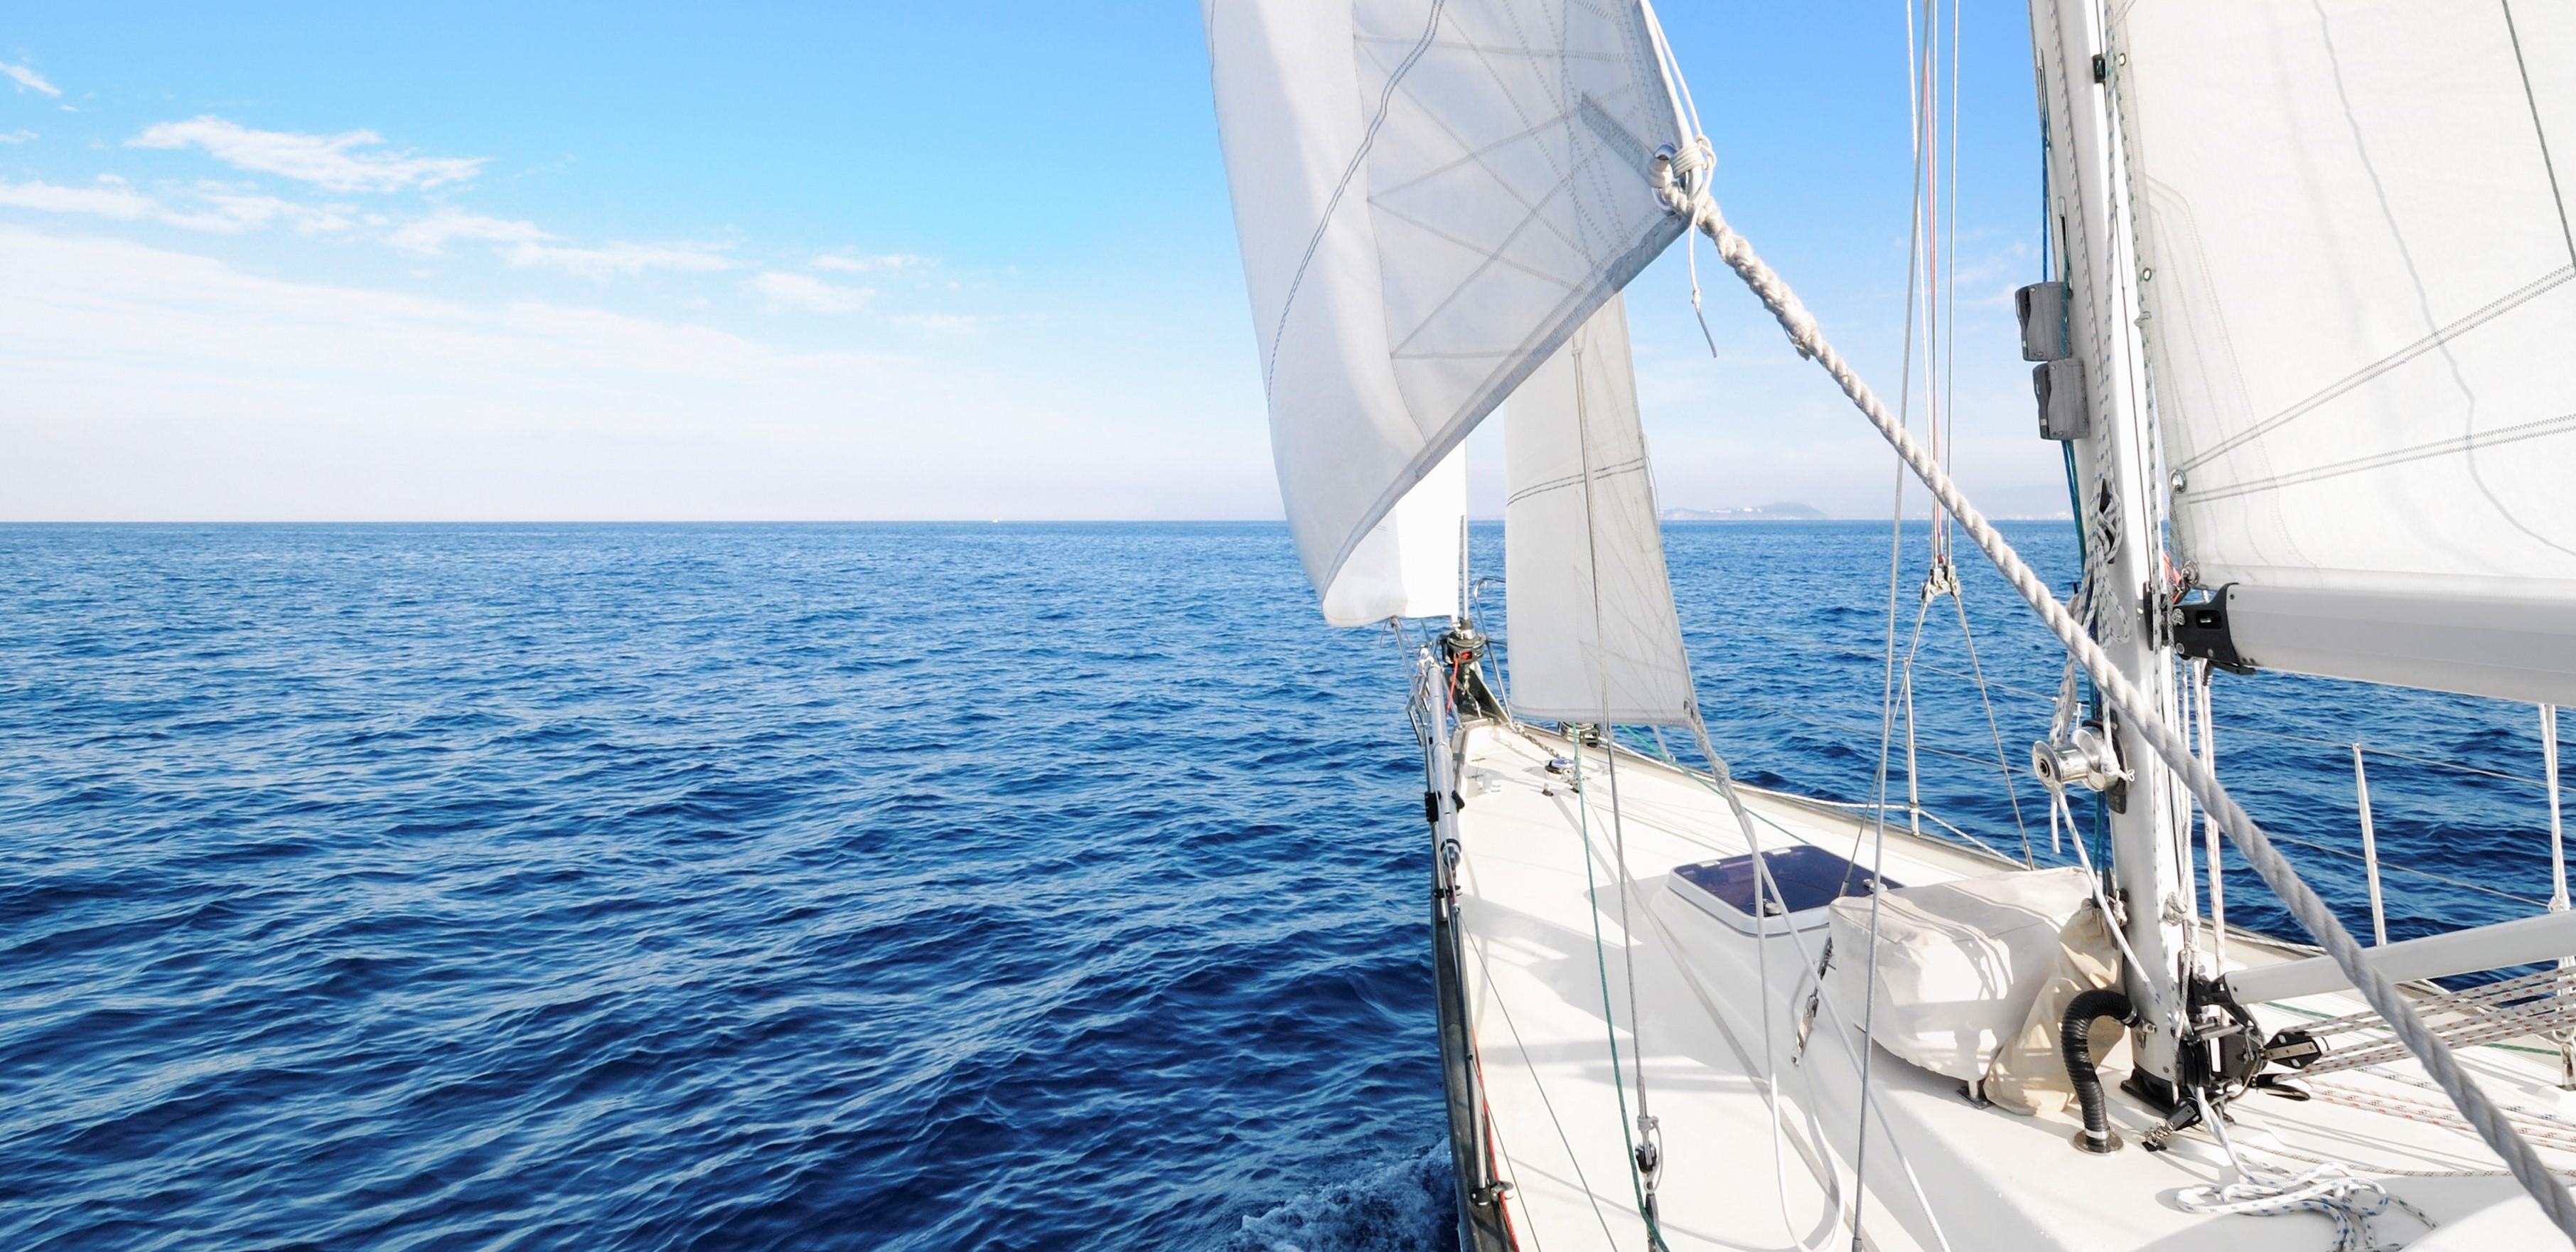 BFI Sailboat 2